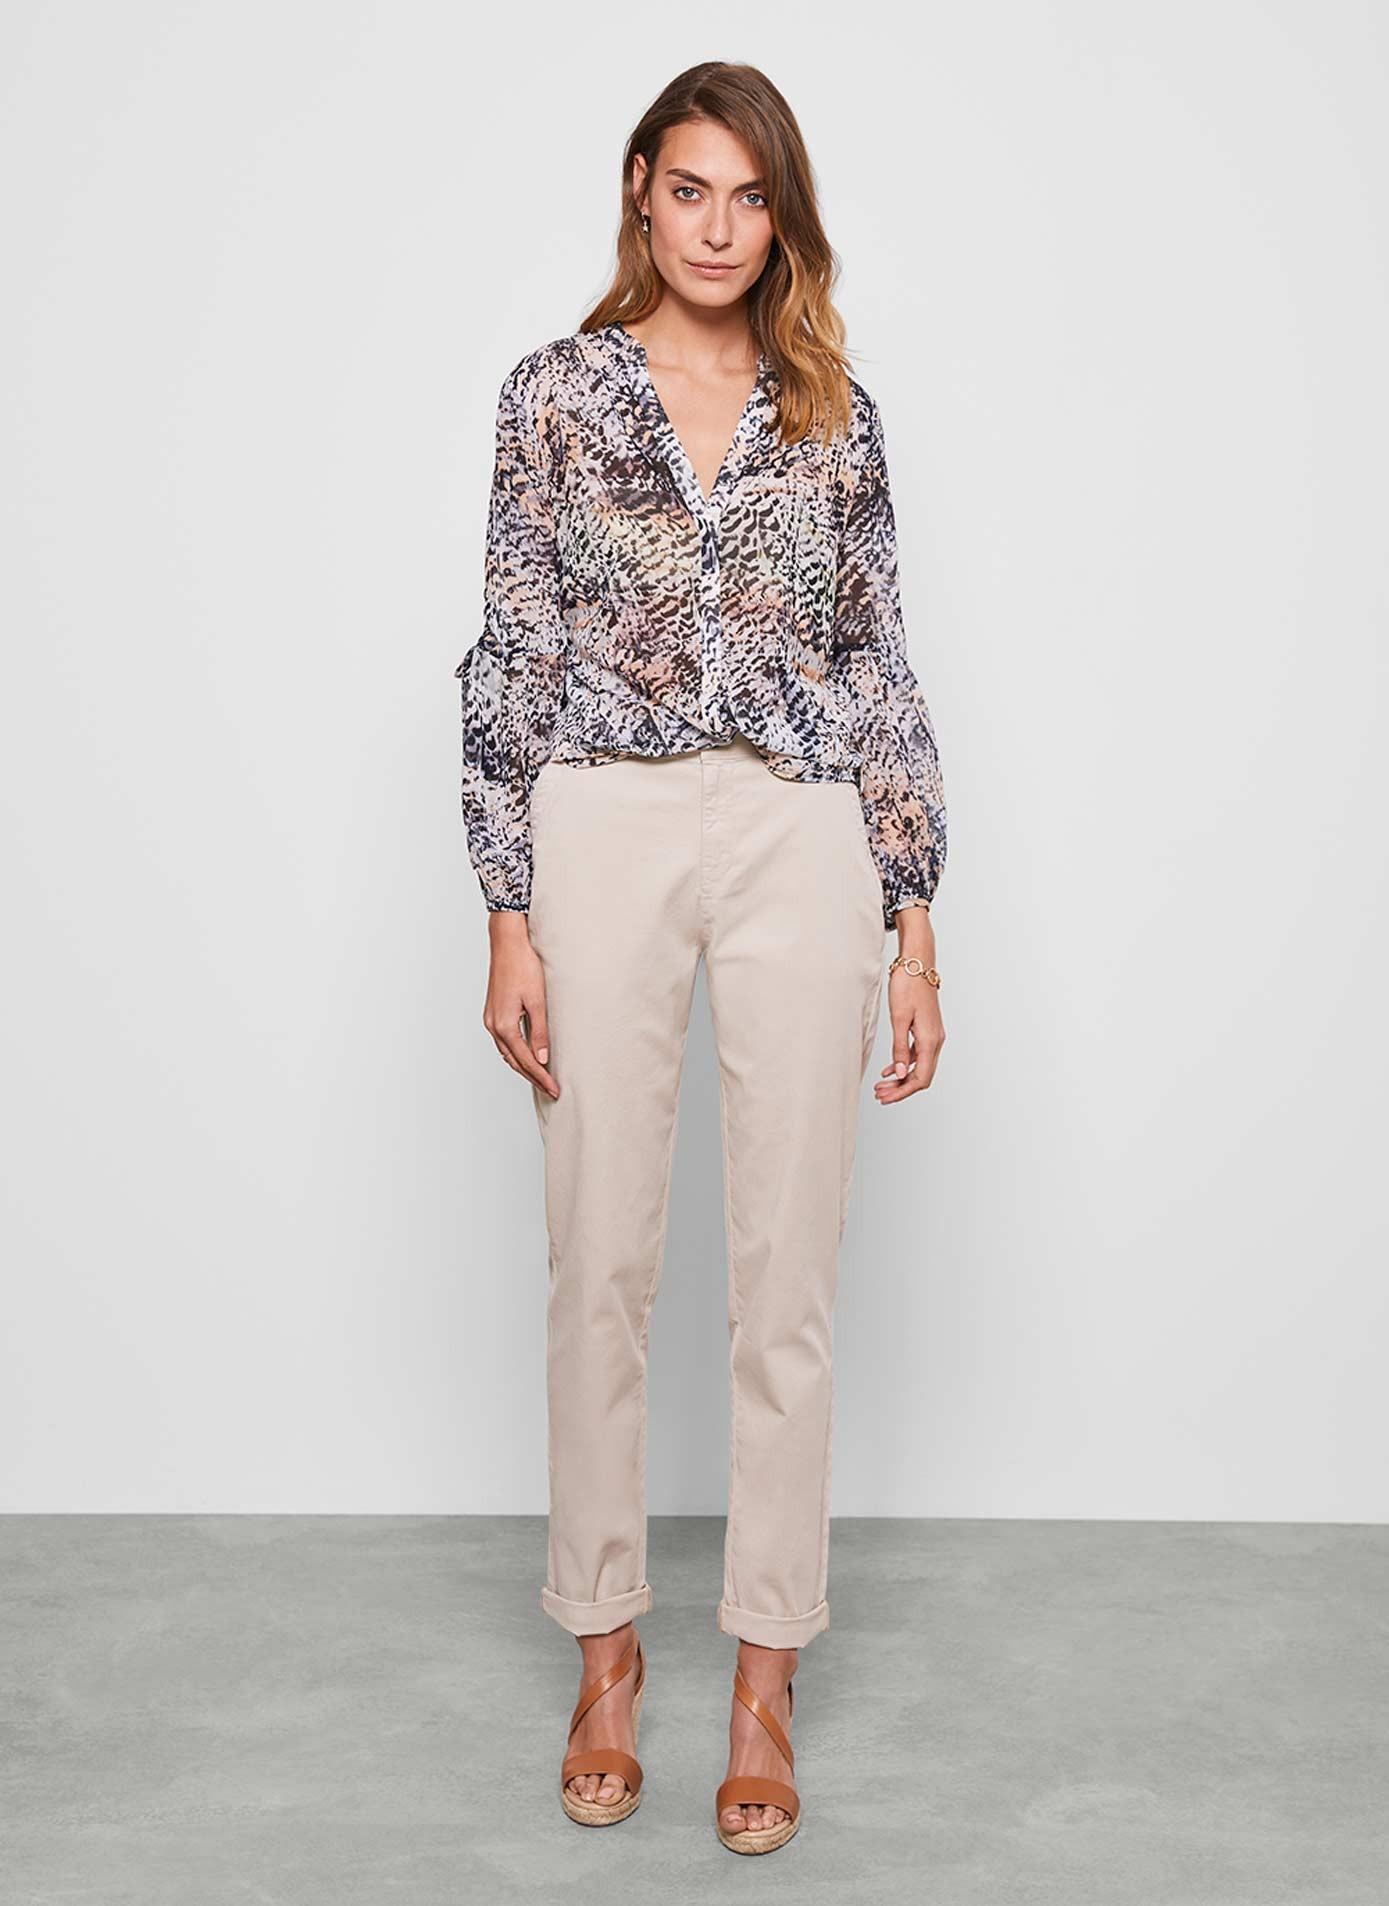 أشكال ملابس العمل-قميص طبعة الفهد2